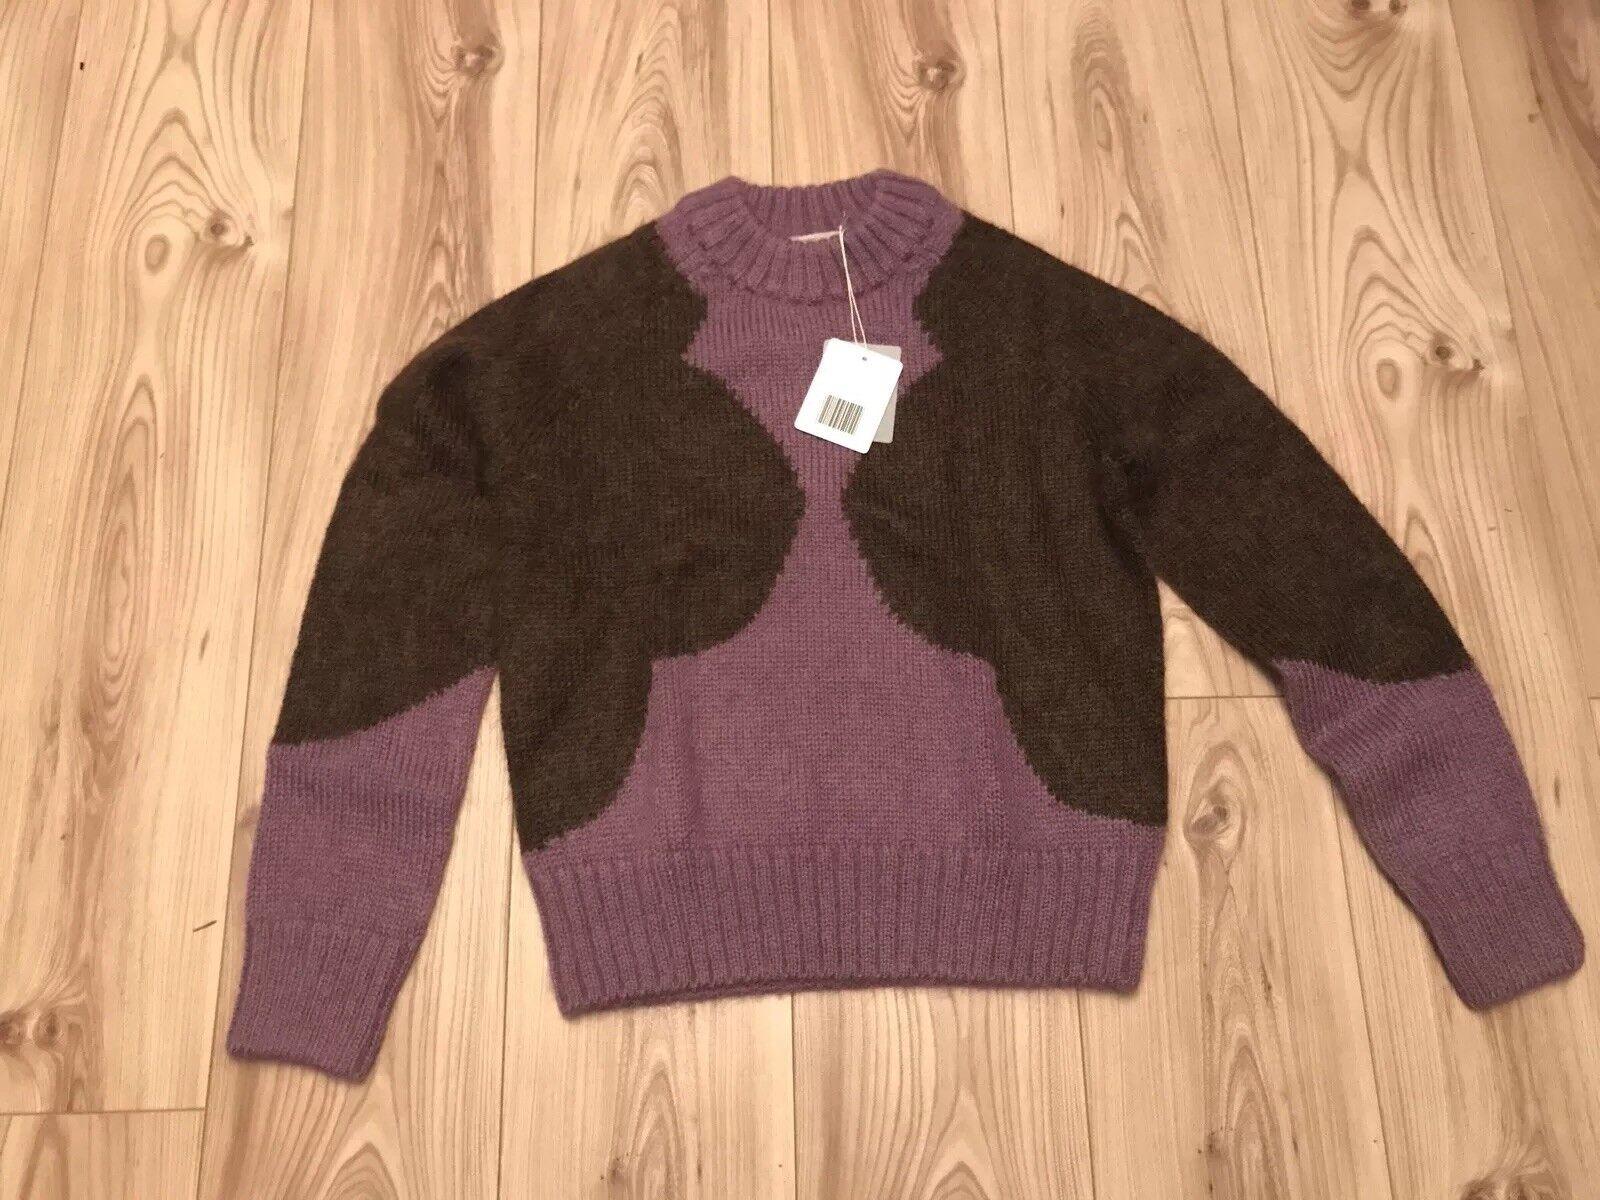 Orla Kiely Giant Flower Sweater Jumper Purple purplec Large  Coat Dress Blouse Top